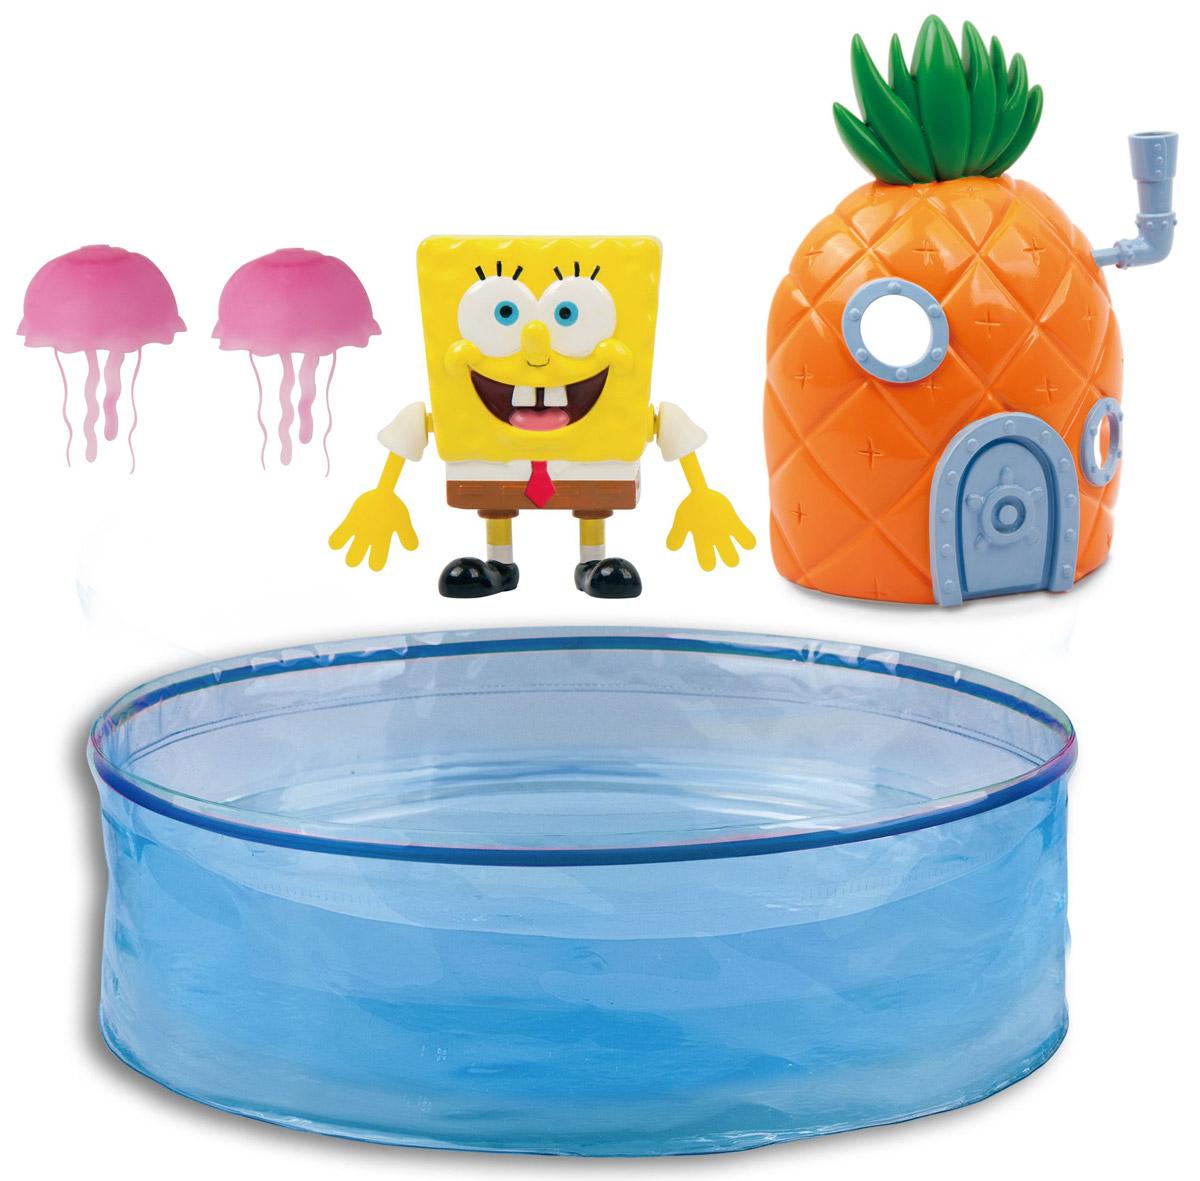 Robofish Игровой набор Губка Боб с аквариумом и домиком набор теста для лепки губка боб 4 цвета